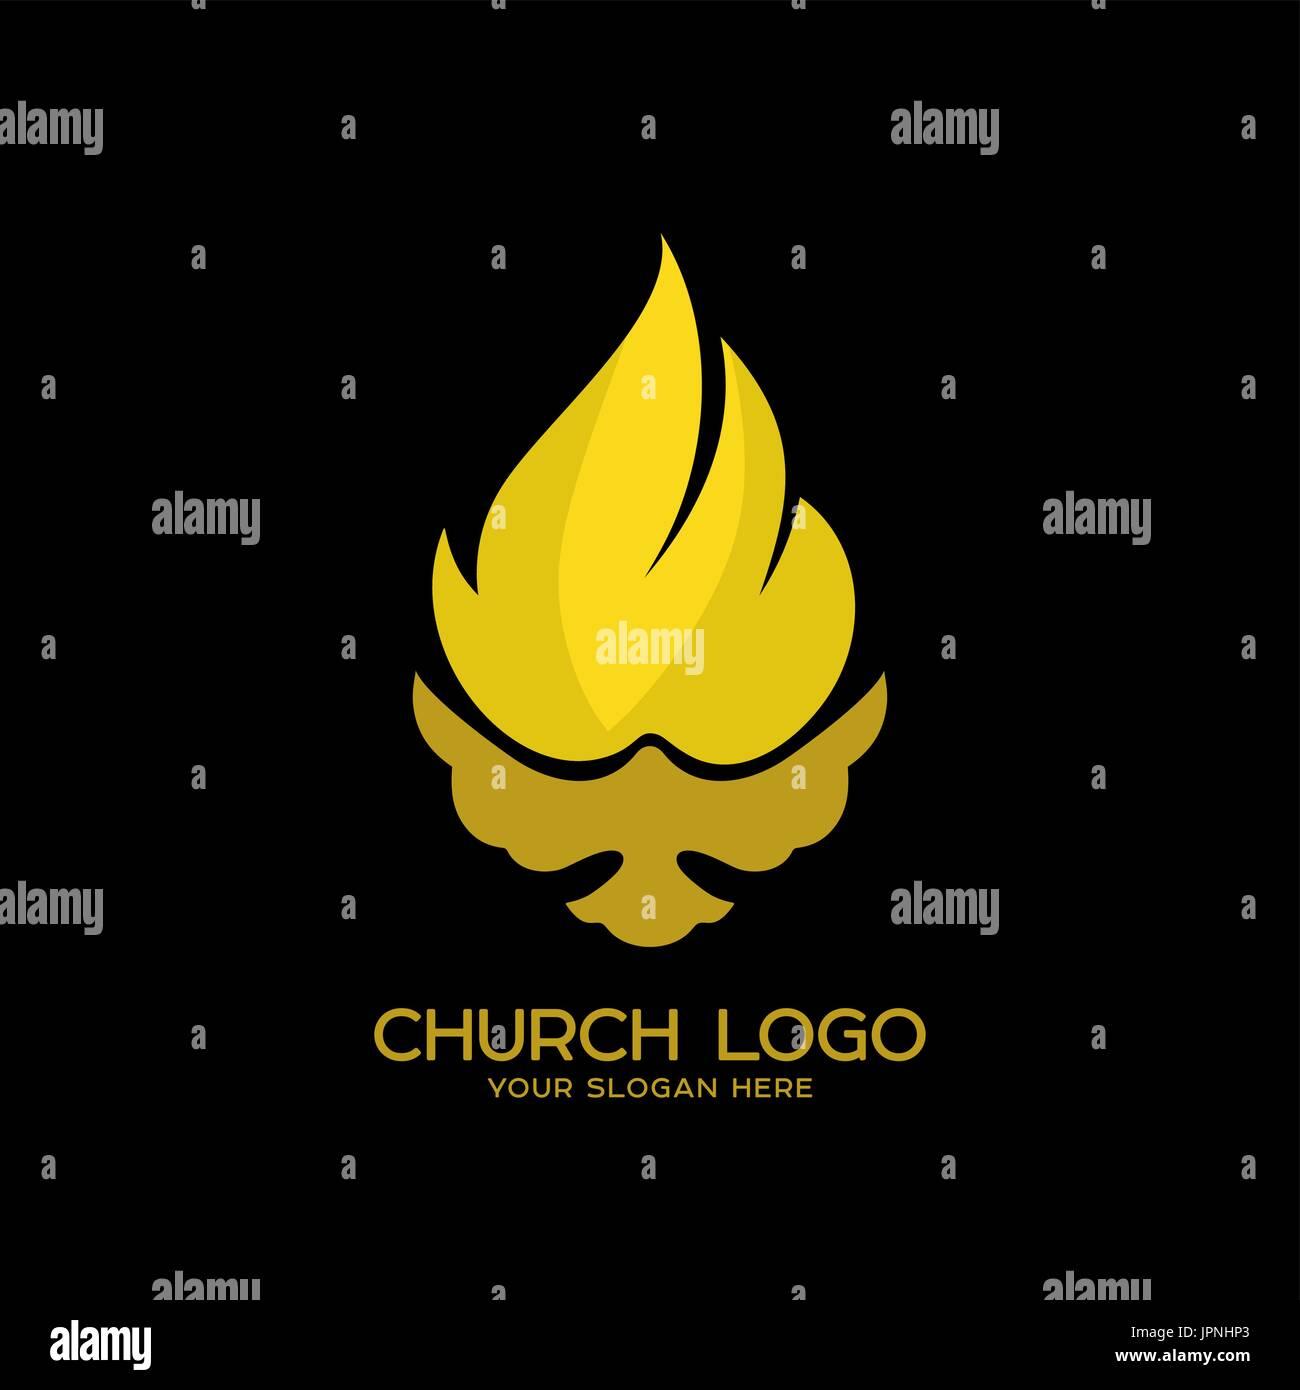 Logo der kirche christliche symbole die taube und die flamme des logo der kirche christliche symbole die taube und die flamme des heiligen geistes das reich gottes buycottarizona